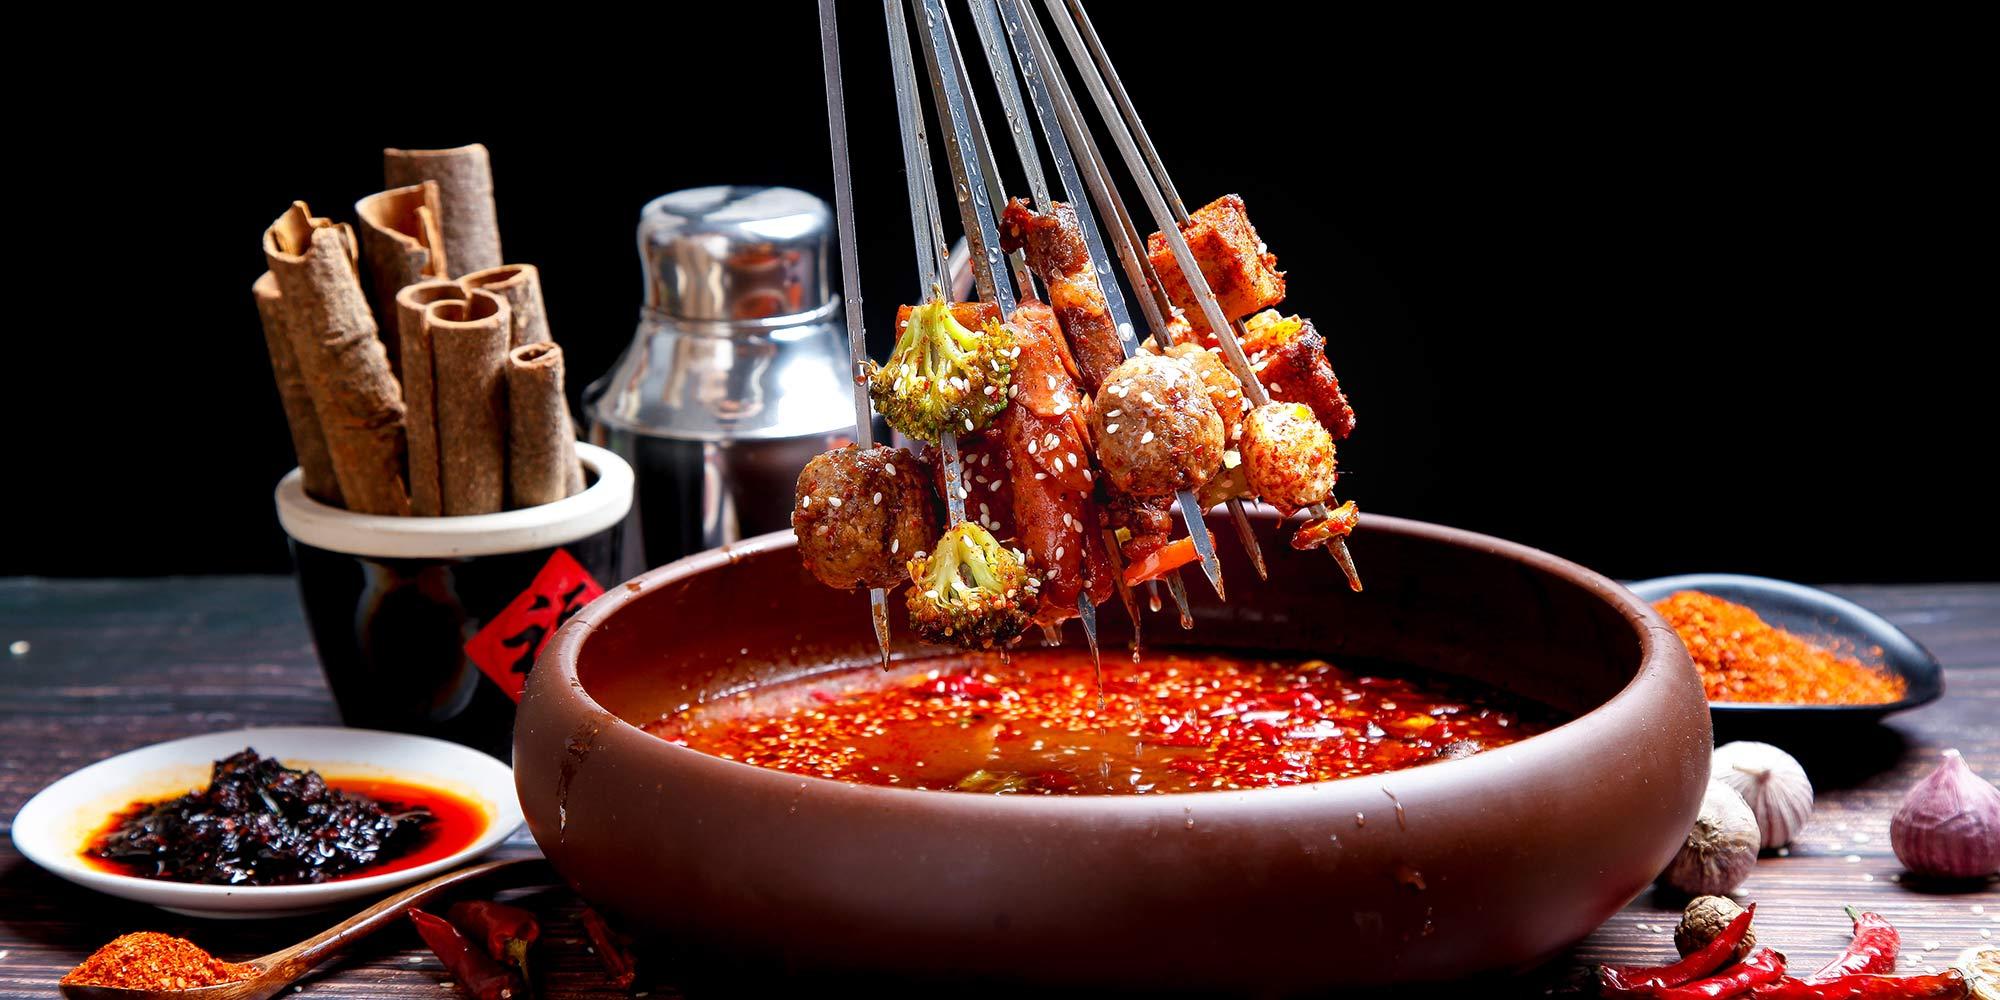 火锅必点的四道菜,少了一样都不行,你的最爱是?